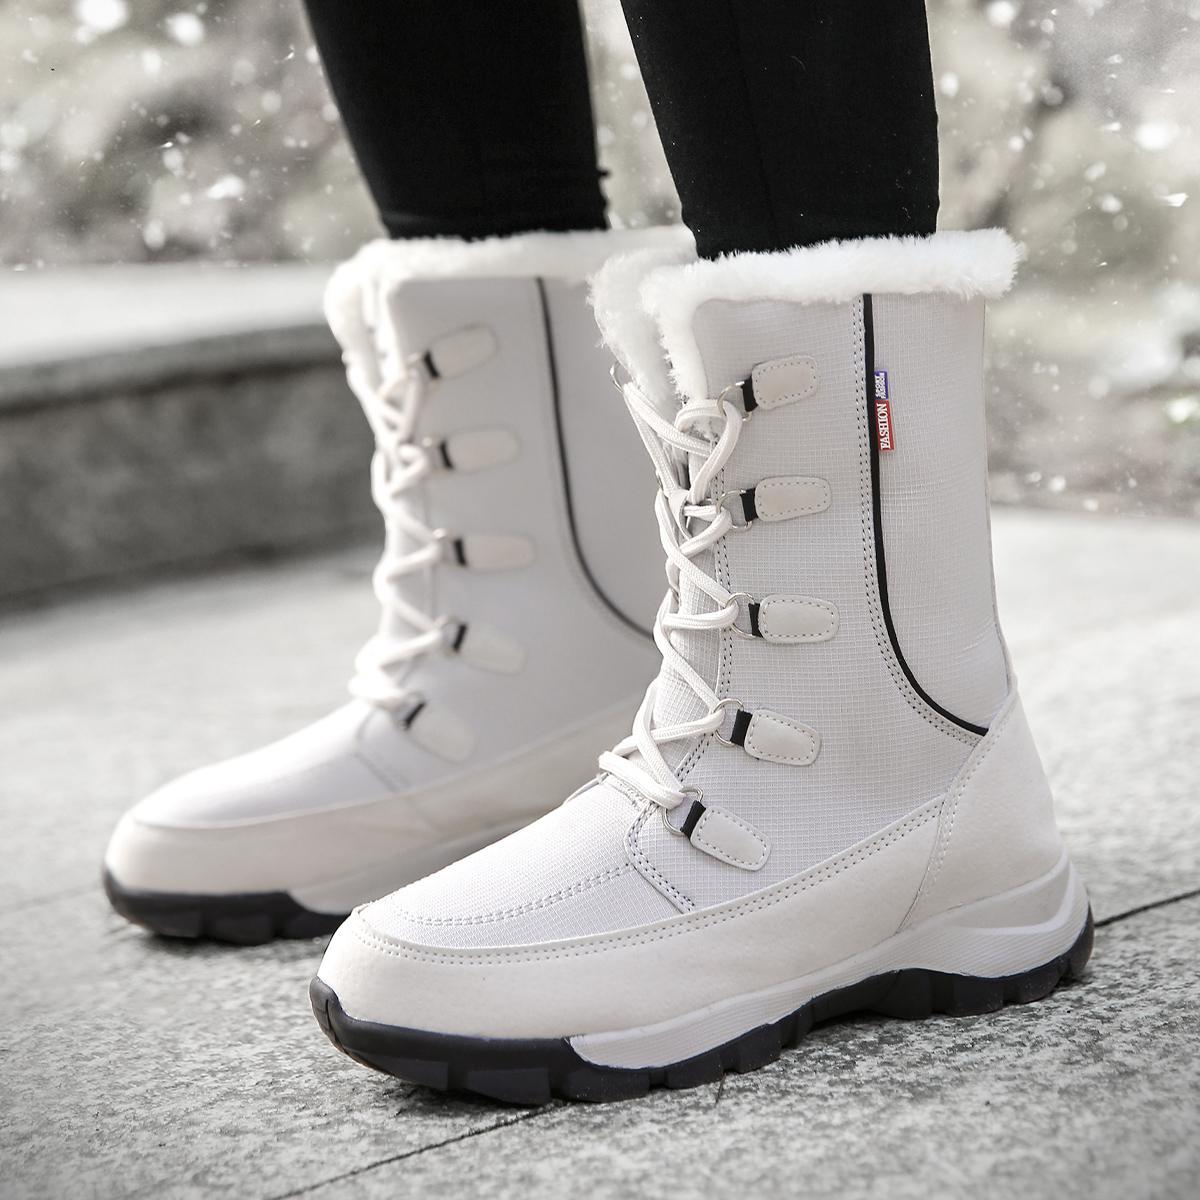 الثلج أحذية نسائية دافئ الفراء القطيفة المرأة الكاحل أحذية الكعوب ساحة PU قصيرة أحذية نسائية أحذية الانزلاق على أحذية الشتاء المرأة